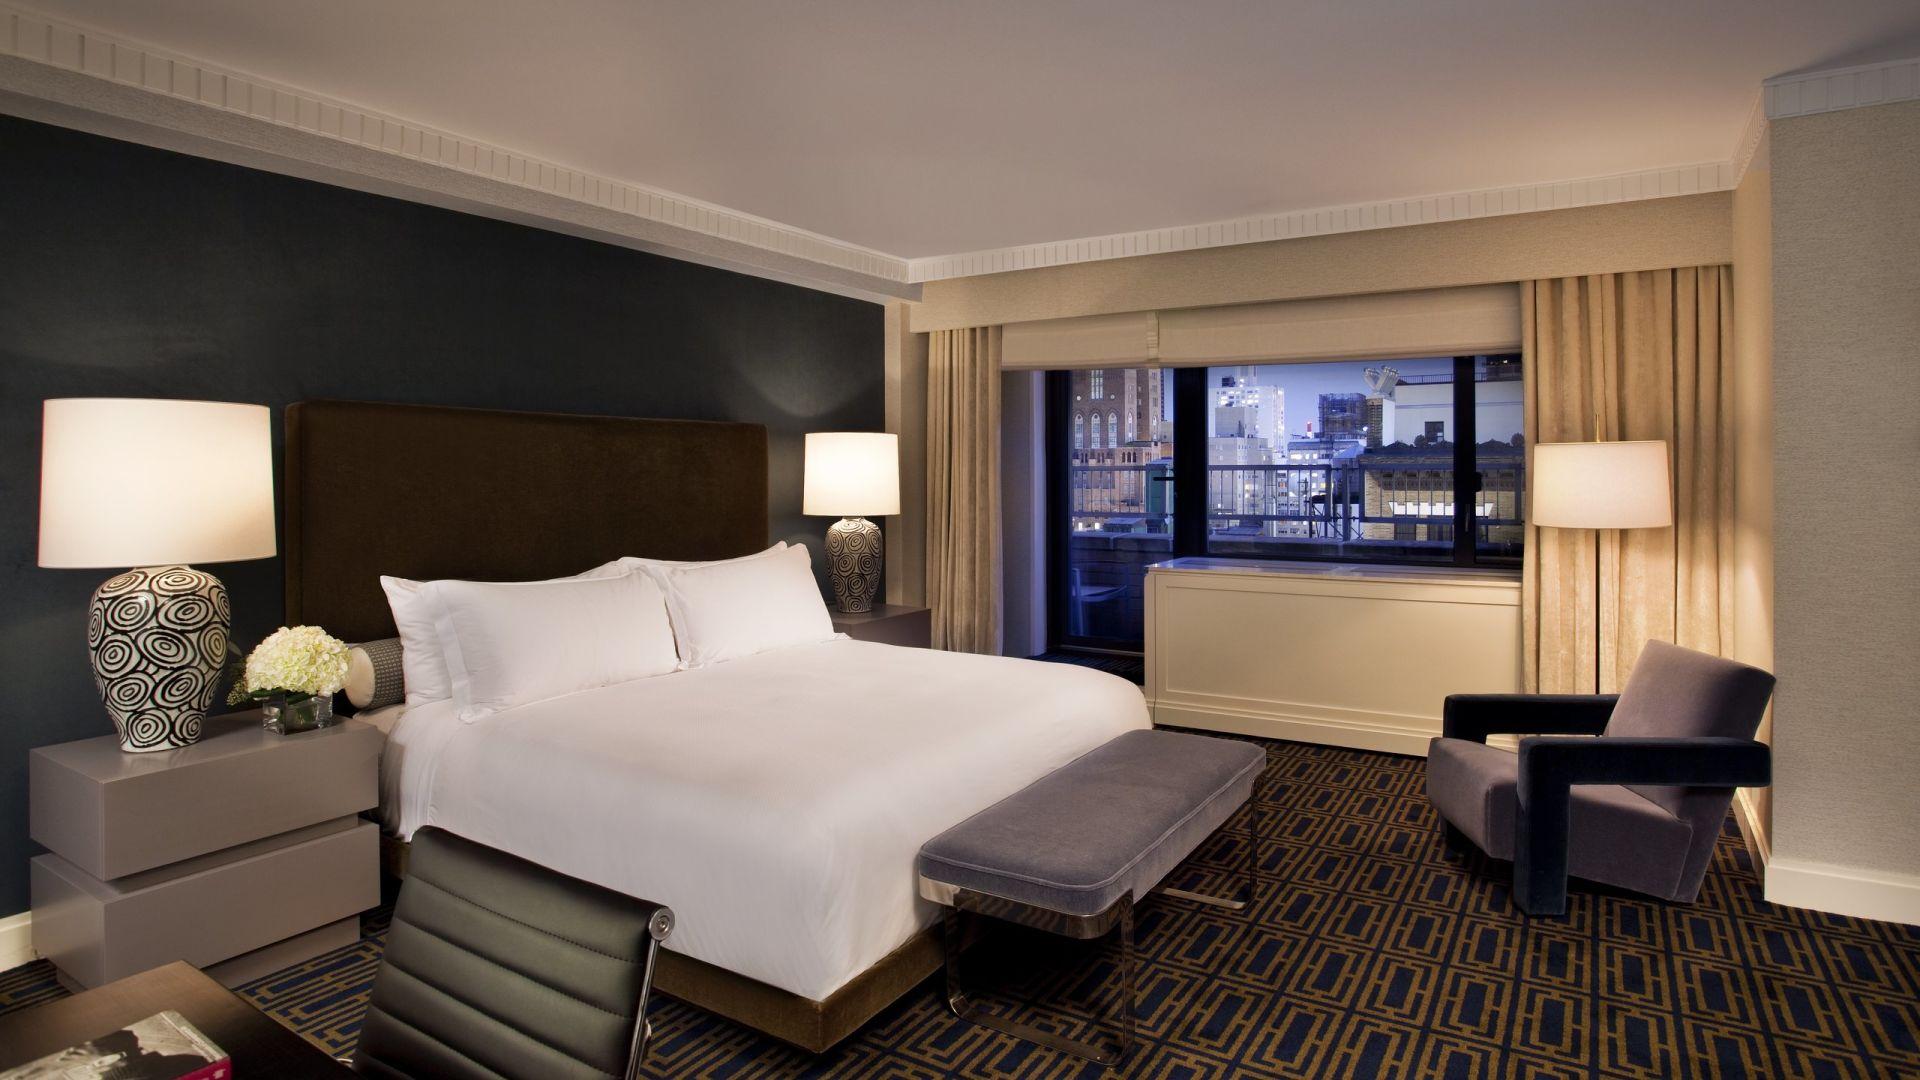 Quarto da suíte apartamento exclusiva em estilo clássico anos1970 | Loews Regency New York Hotel